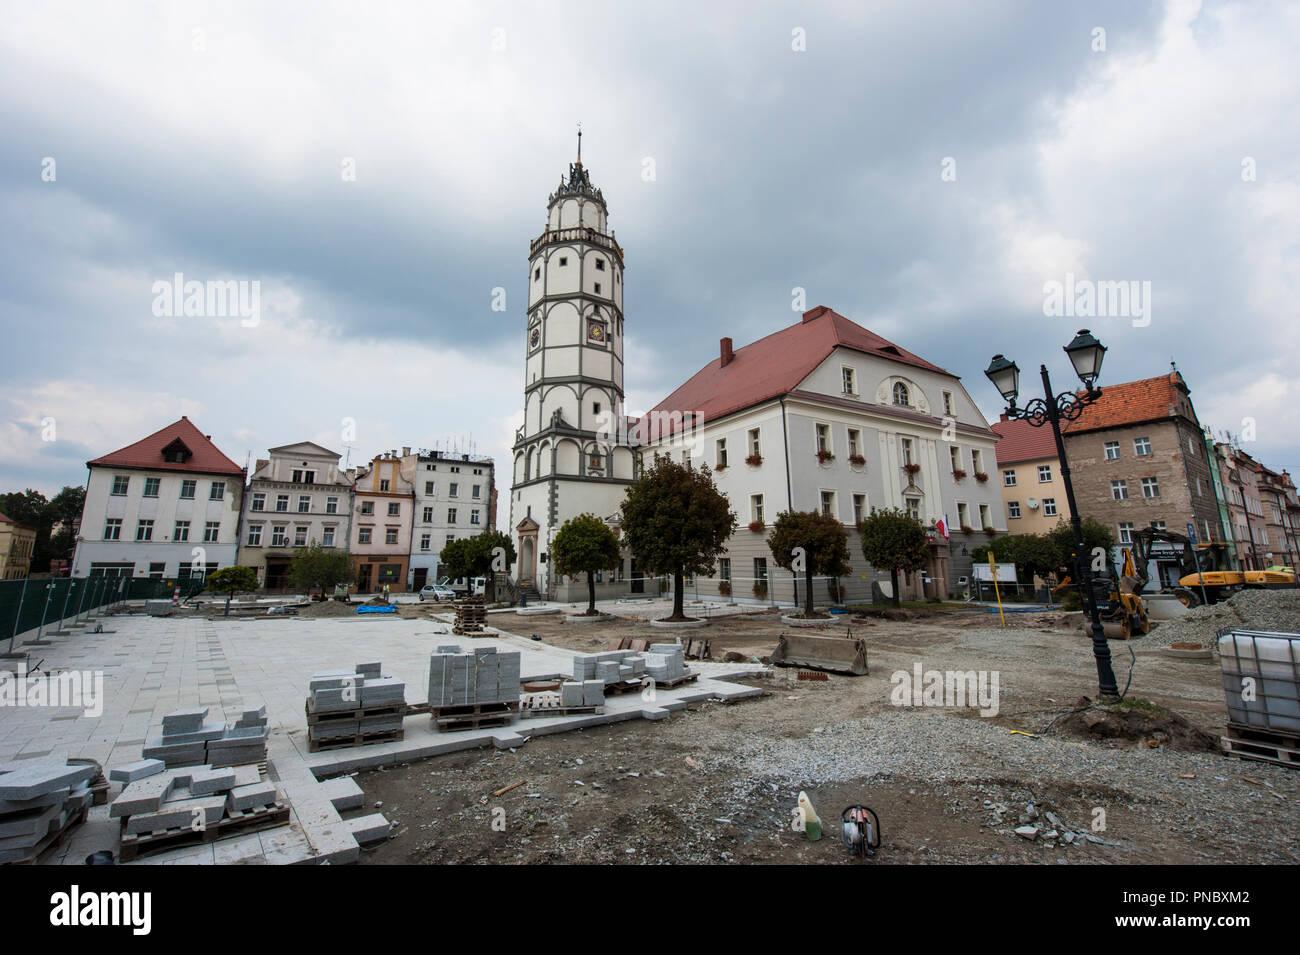 L'hôtel de ville de Paczkow, le sud-ouest de la Pologne. Banque D'Images